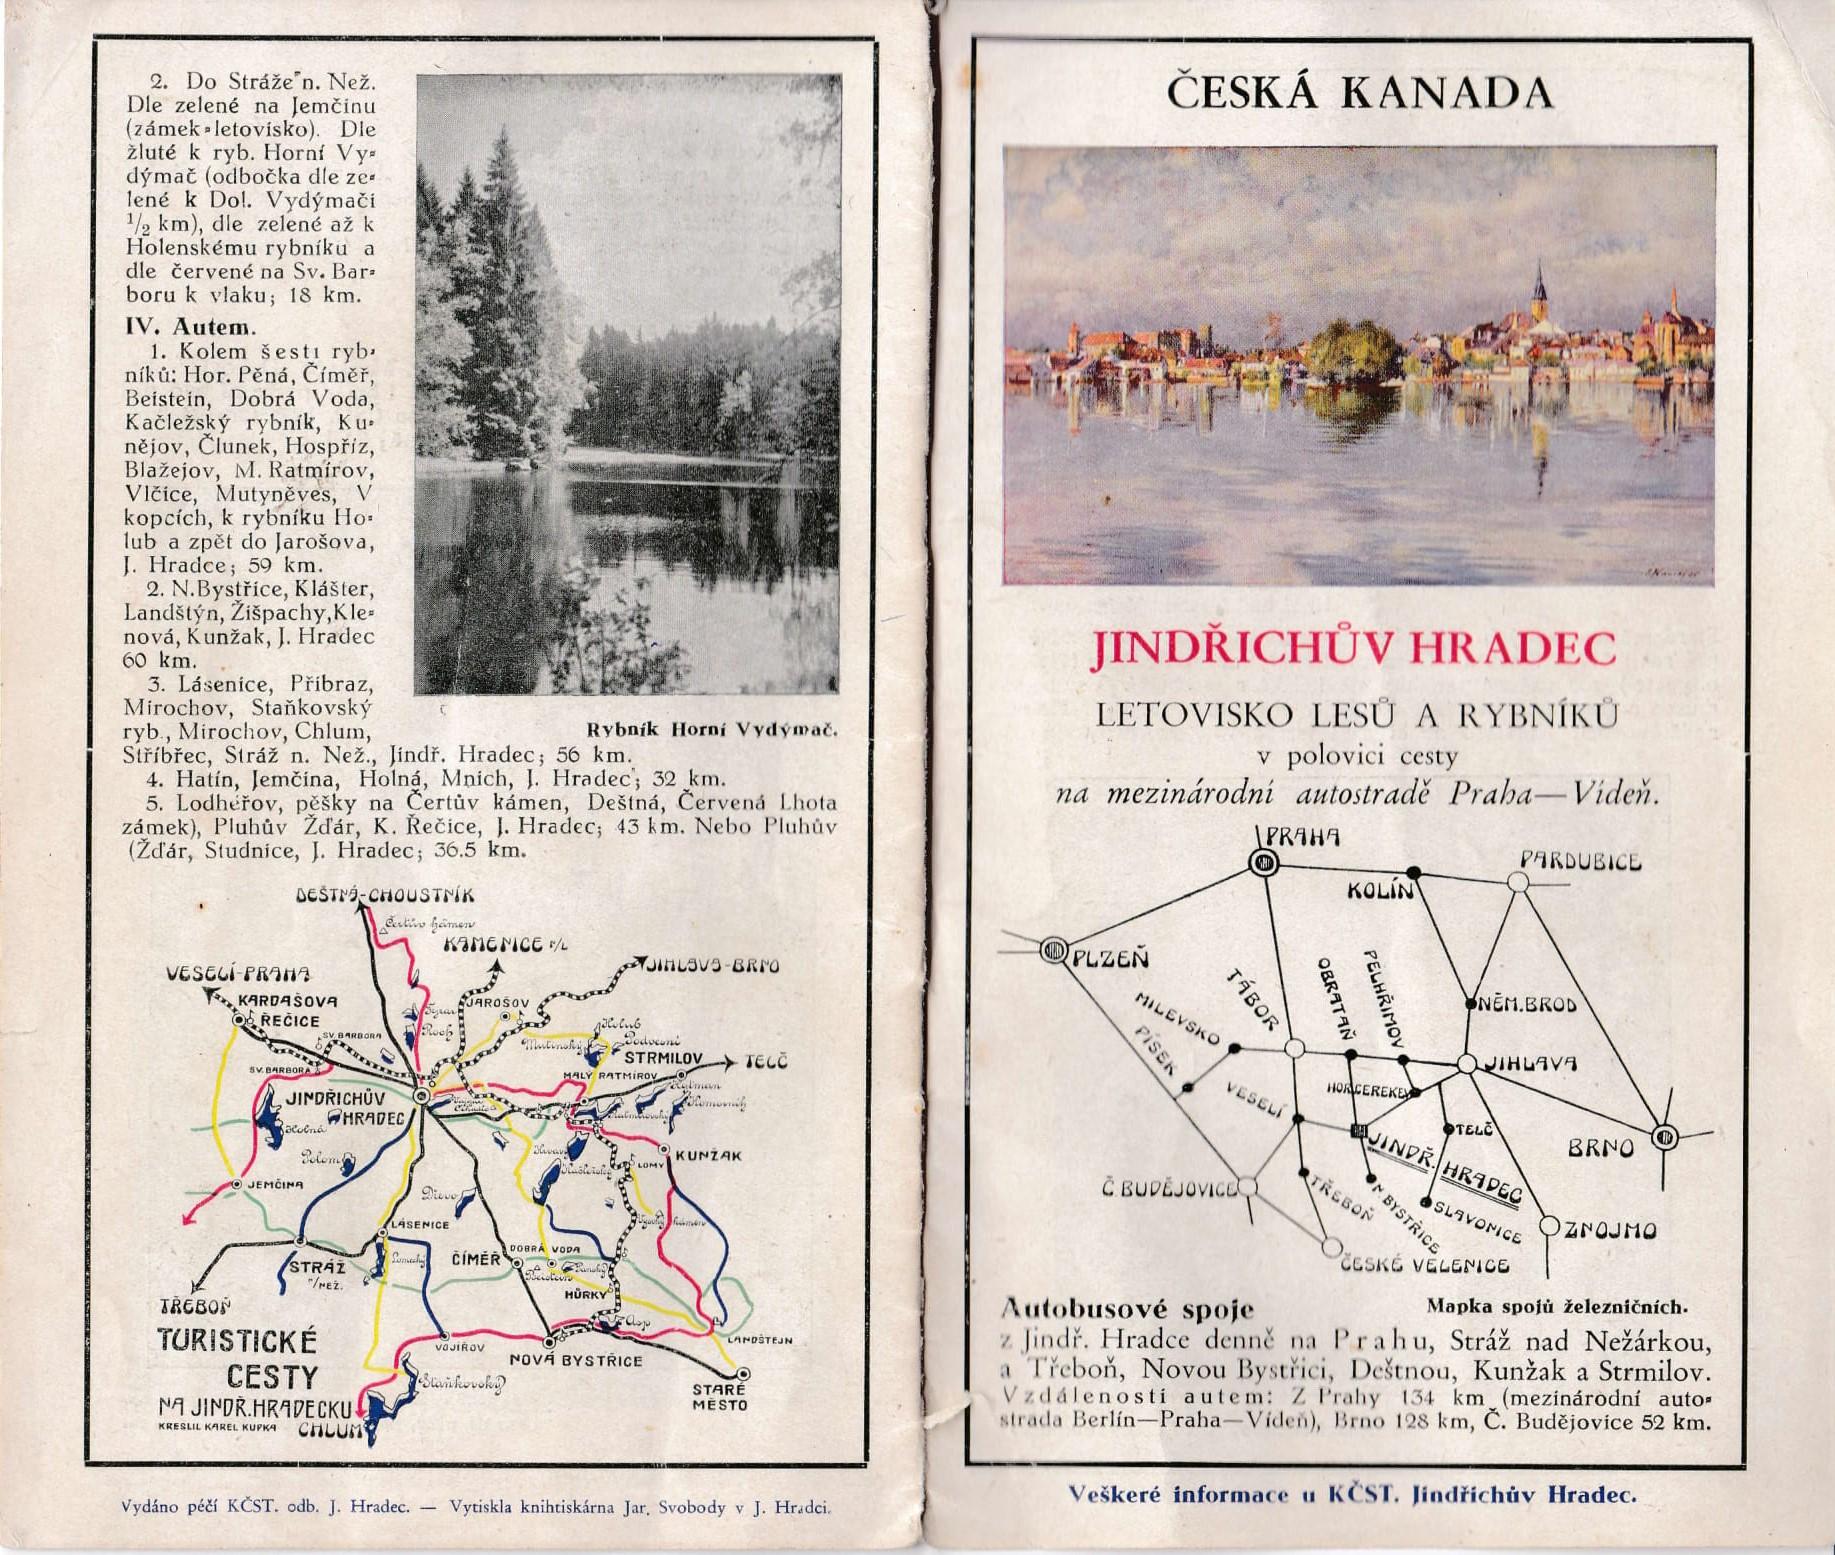 česká kanada - letovisko lesů a rybníků 07